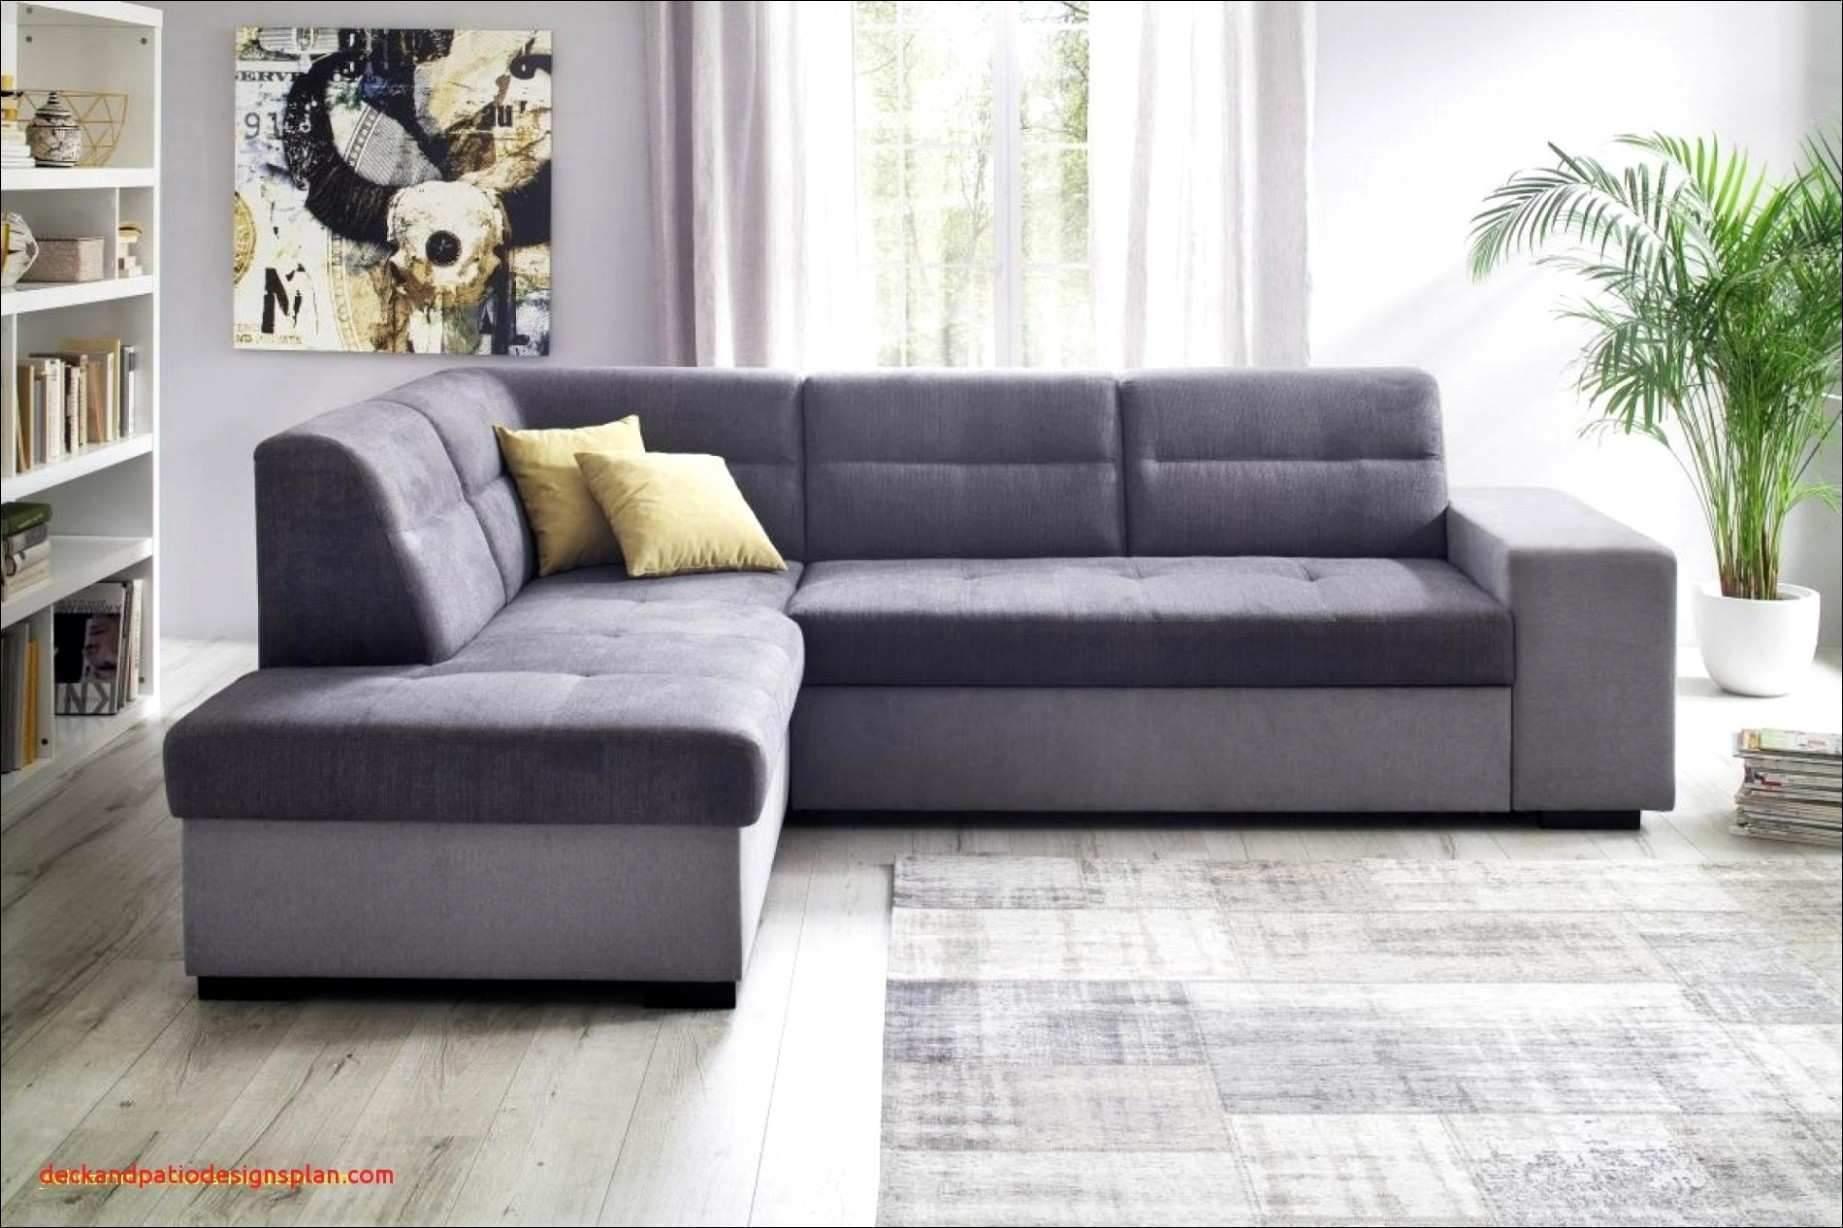 wohnzimmer dekoration reizend wohnzimmer deko selber machen ideen was solltest du tun of wohnzimmer dekoration